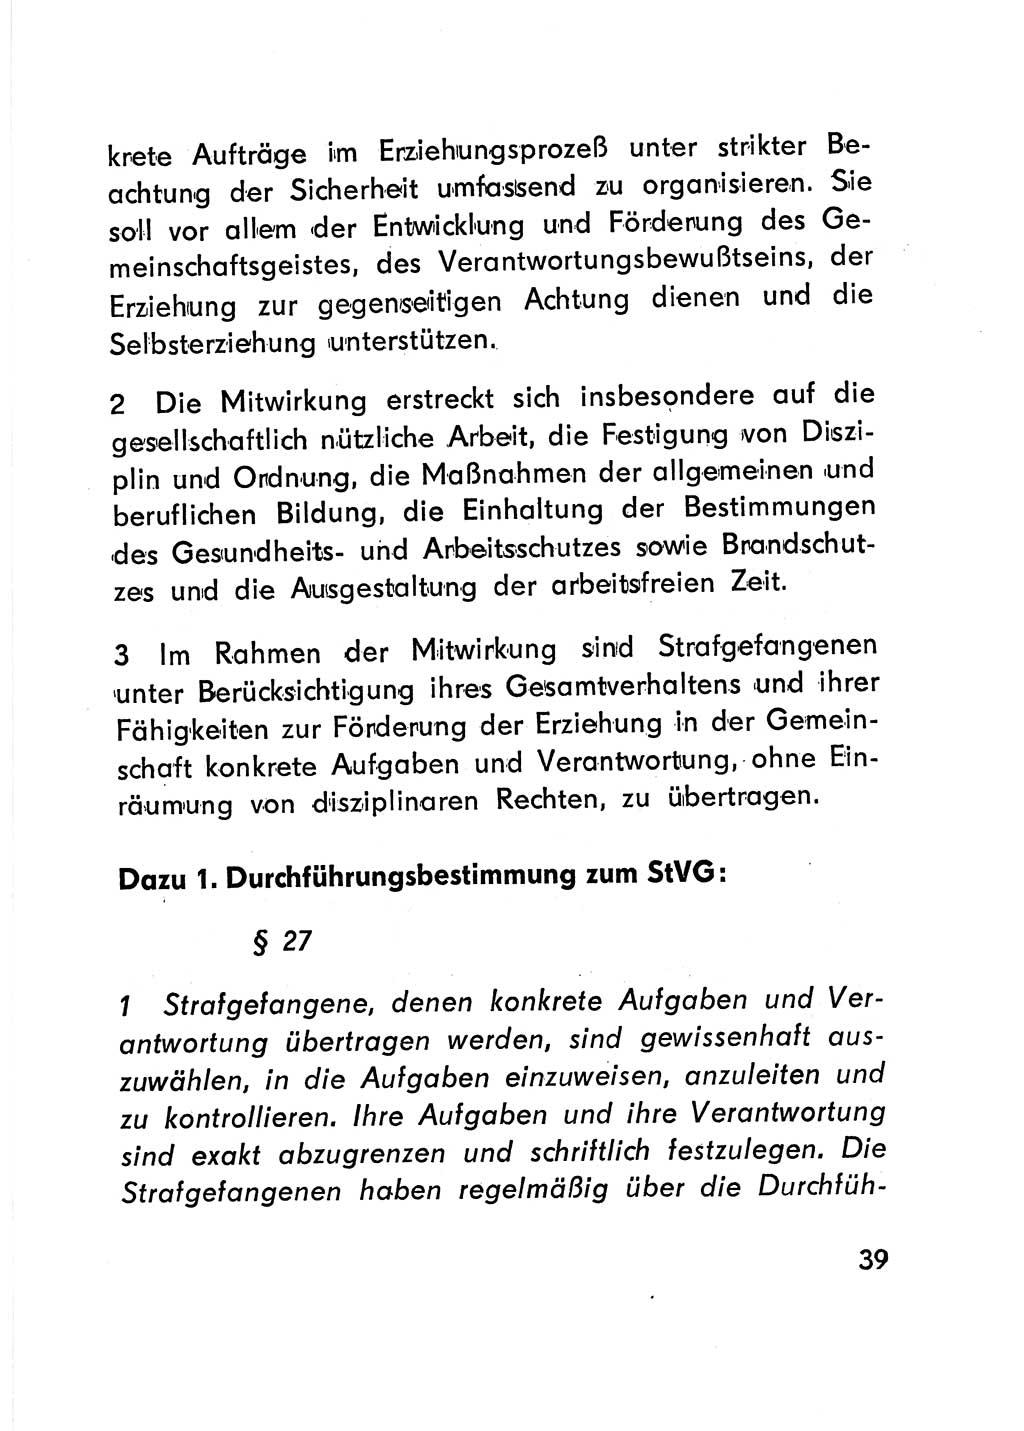 Strafvollzugsgesetz (StVG) DDR 1977, S. 39; Gesetz über